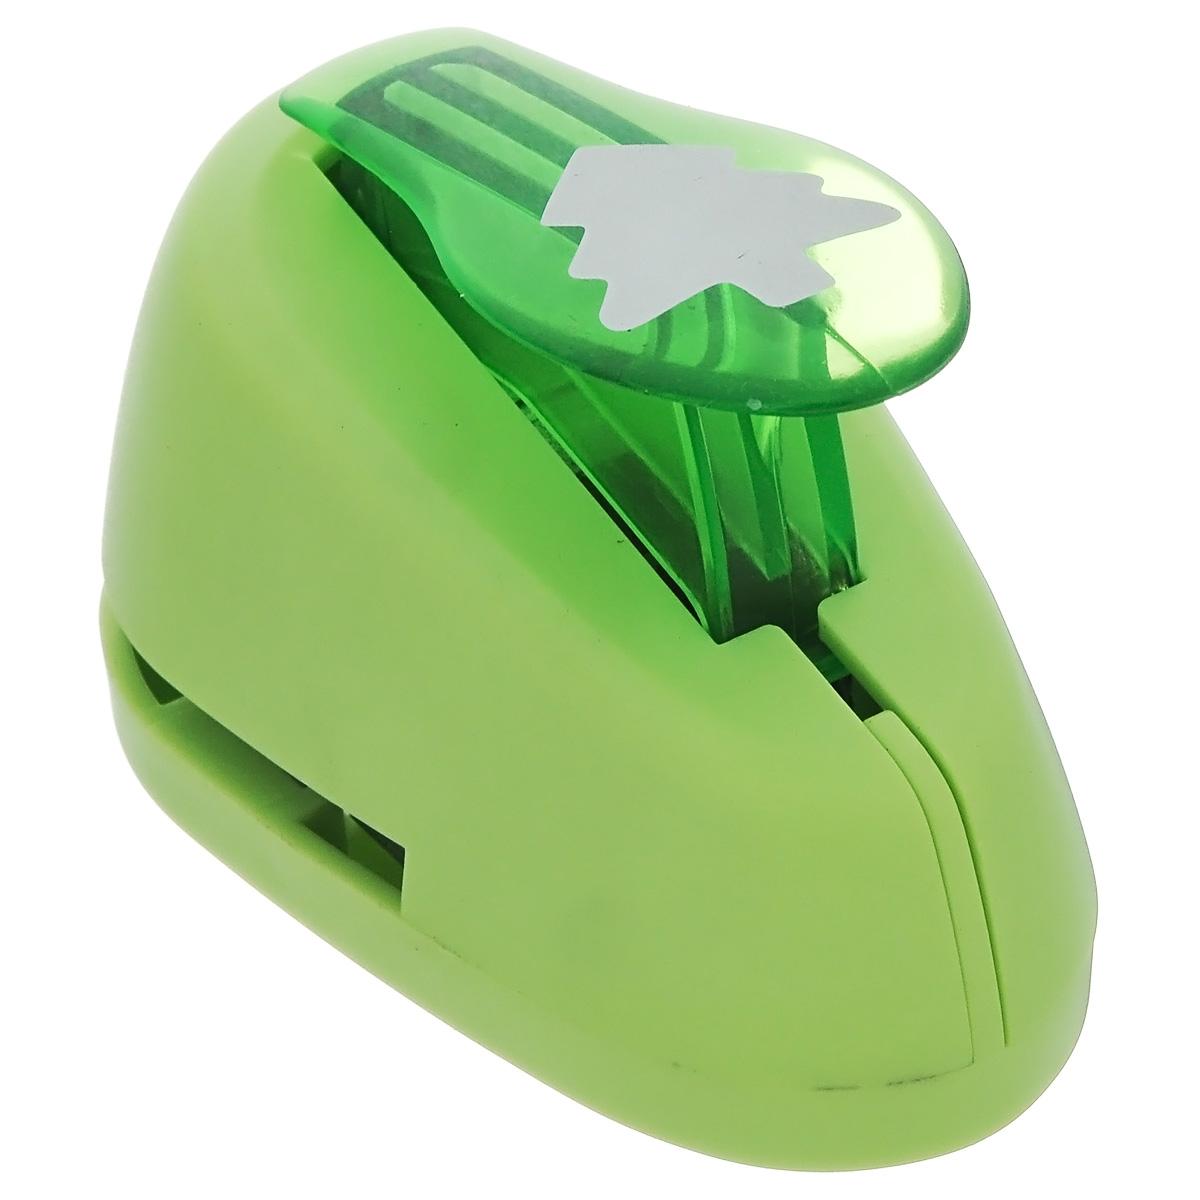 Дырокол фигурный Астра Елочка, цвет: салатовый. 7709605_267709605_26 - салатовыйДырокол Астра Елочка, изготовленный из прочного металла и пластика, поможет вам легко, просто и аккуратно вырезать много одинаковых мелких фигурок.Режущие части компостера закрыты пластиковым корпусом, что обеспечивает безопасность для детей.Вырезанные фигурки в виде елочек накапливаются в специальном резервуаре. Можно использовать вырезанные мотивы как конфетти или для наклеивания. Дырокол подходит для разных техник: декупажа, скрапбукинга, декорирования. Размер дырокола: 8 х 5 х 5 см.Размер готовой фигурки: 2 х 2 см.